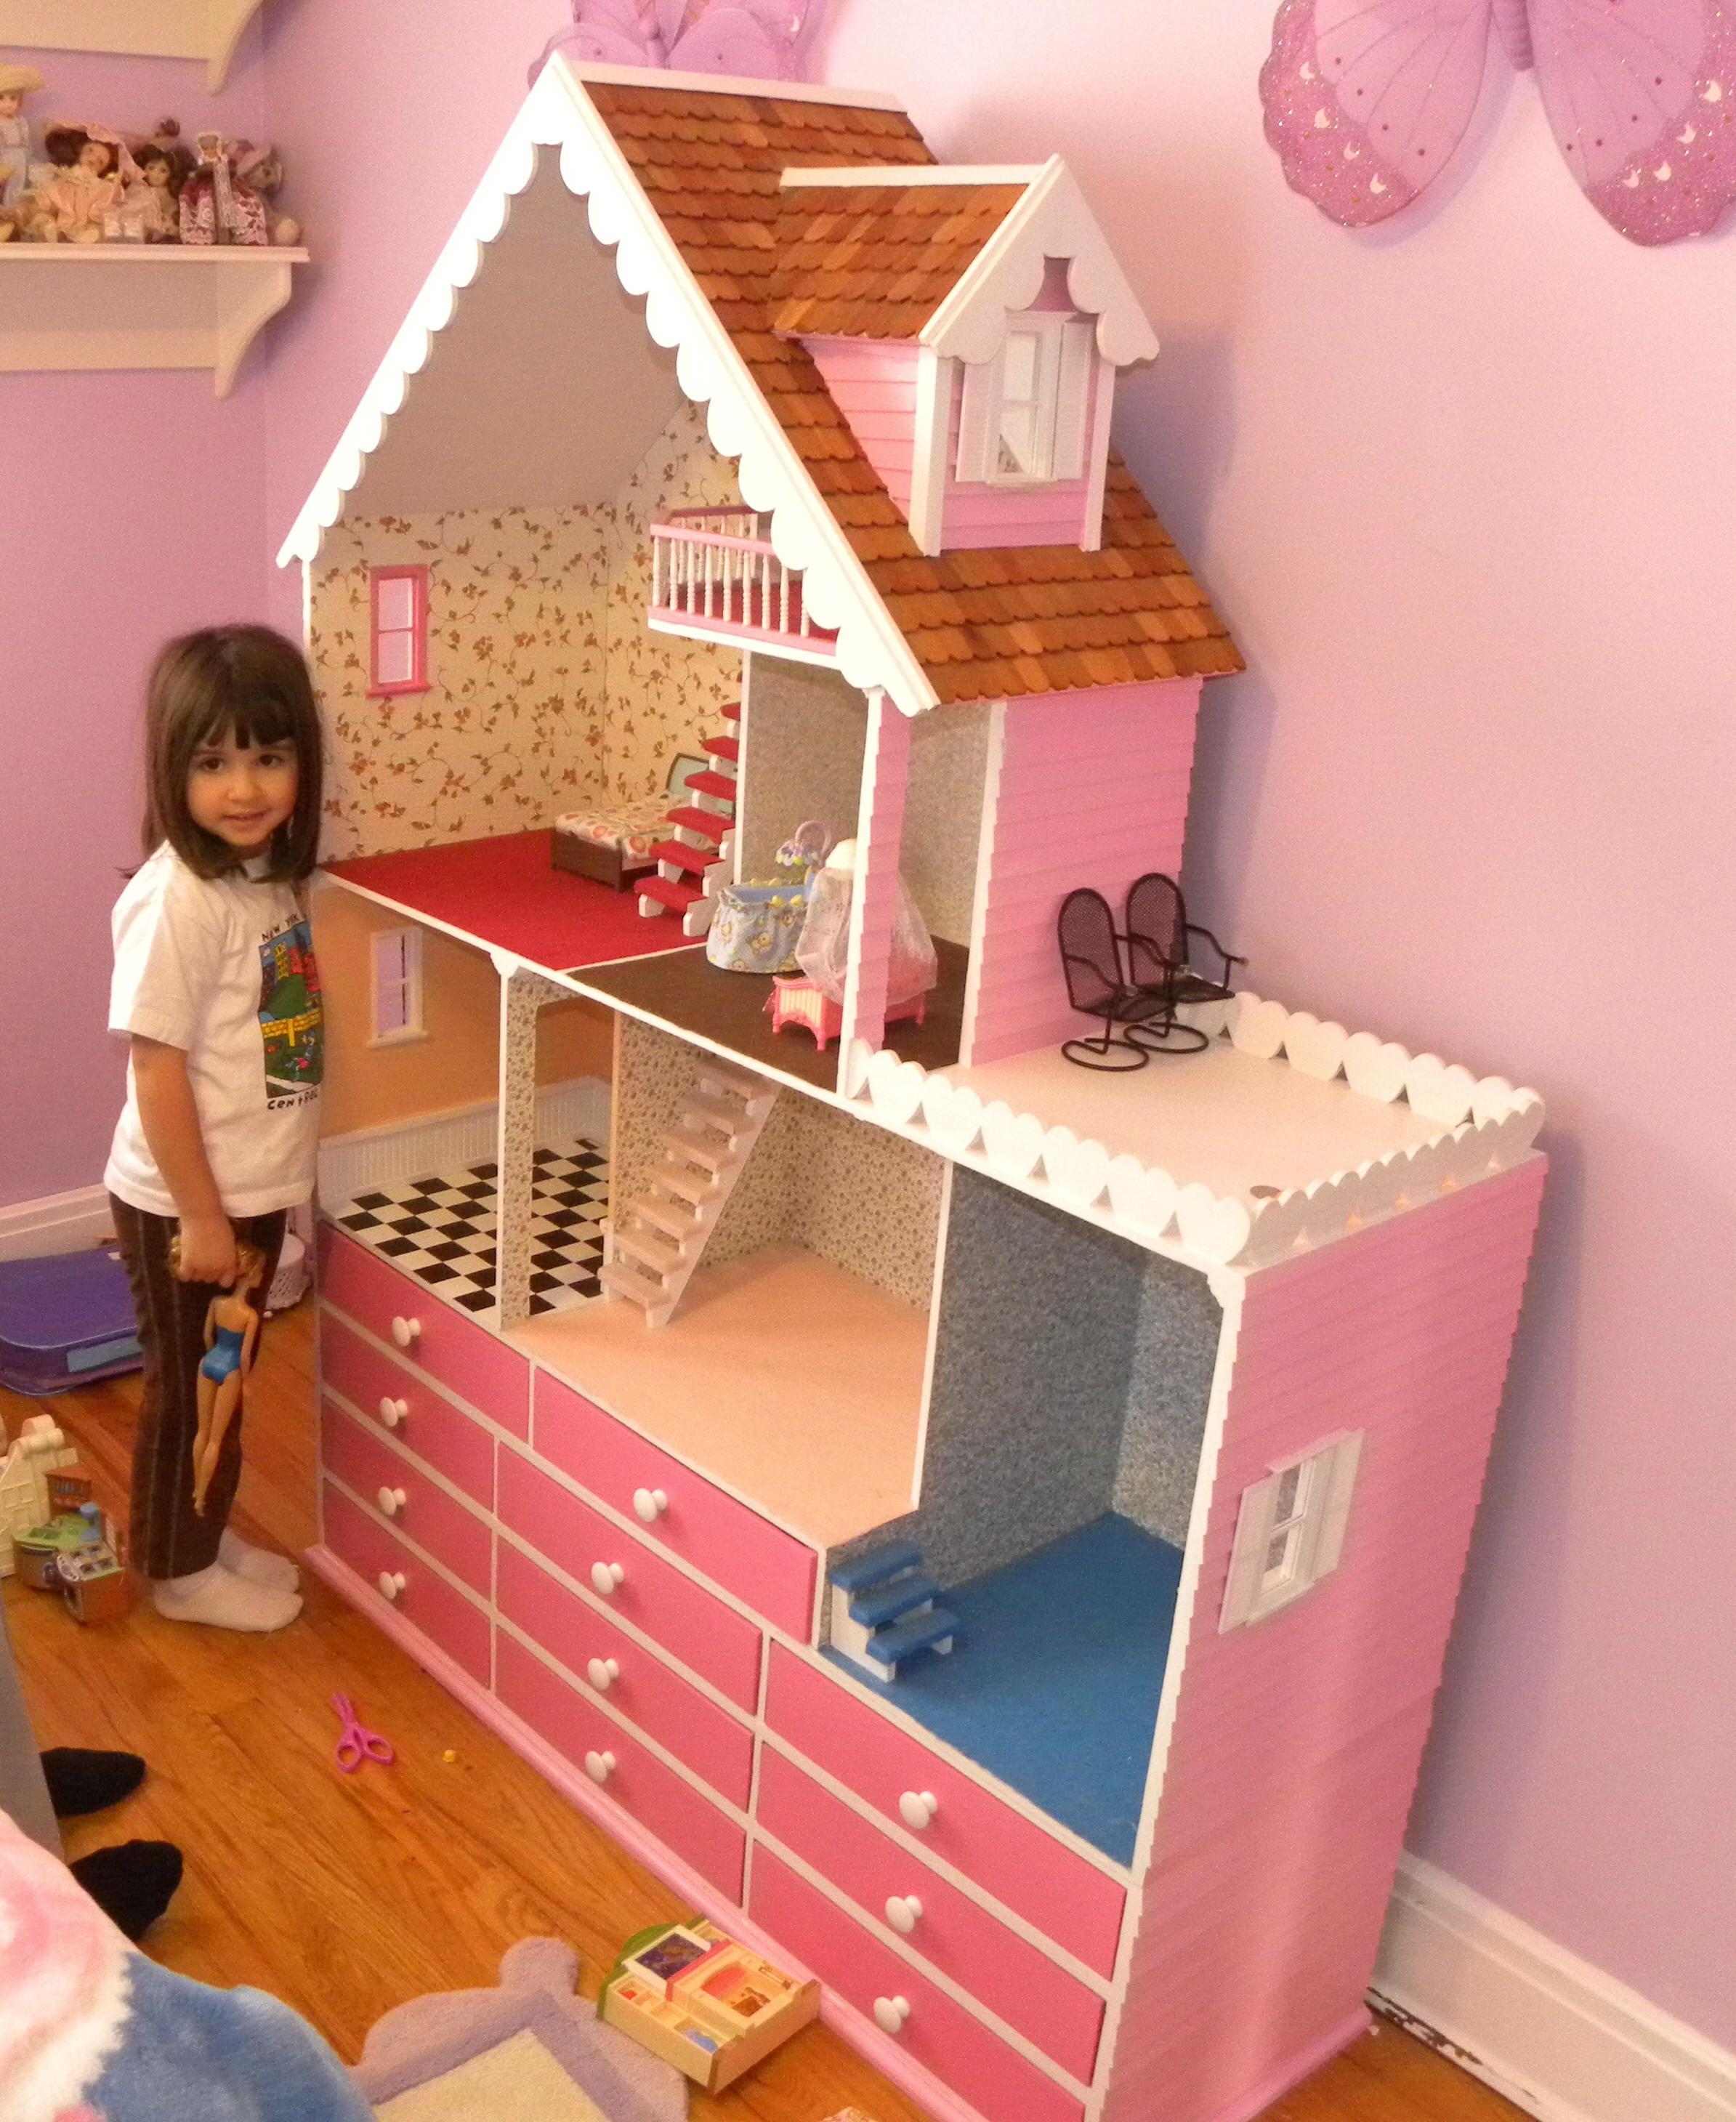 Casa delle Bambole in Legno Casetta Barbie Miniatura Fai da Te Dolls House